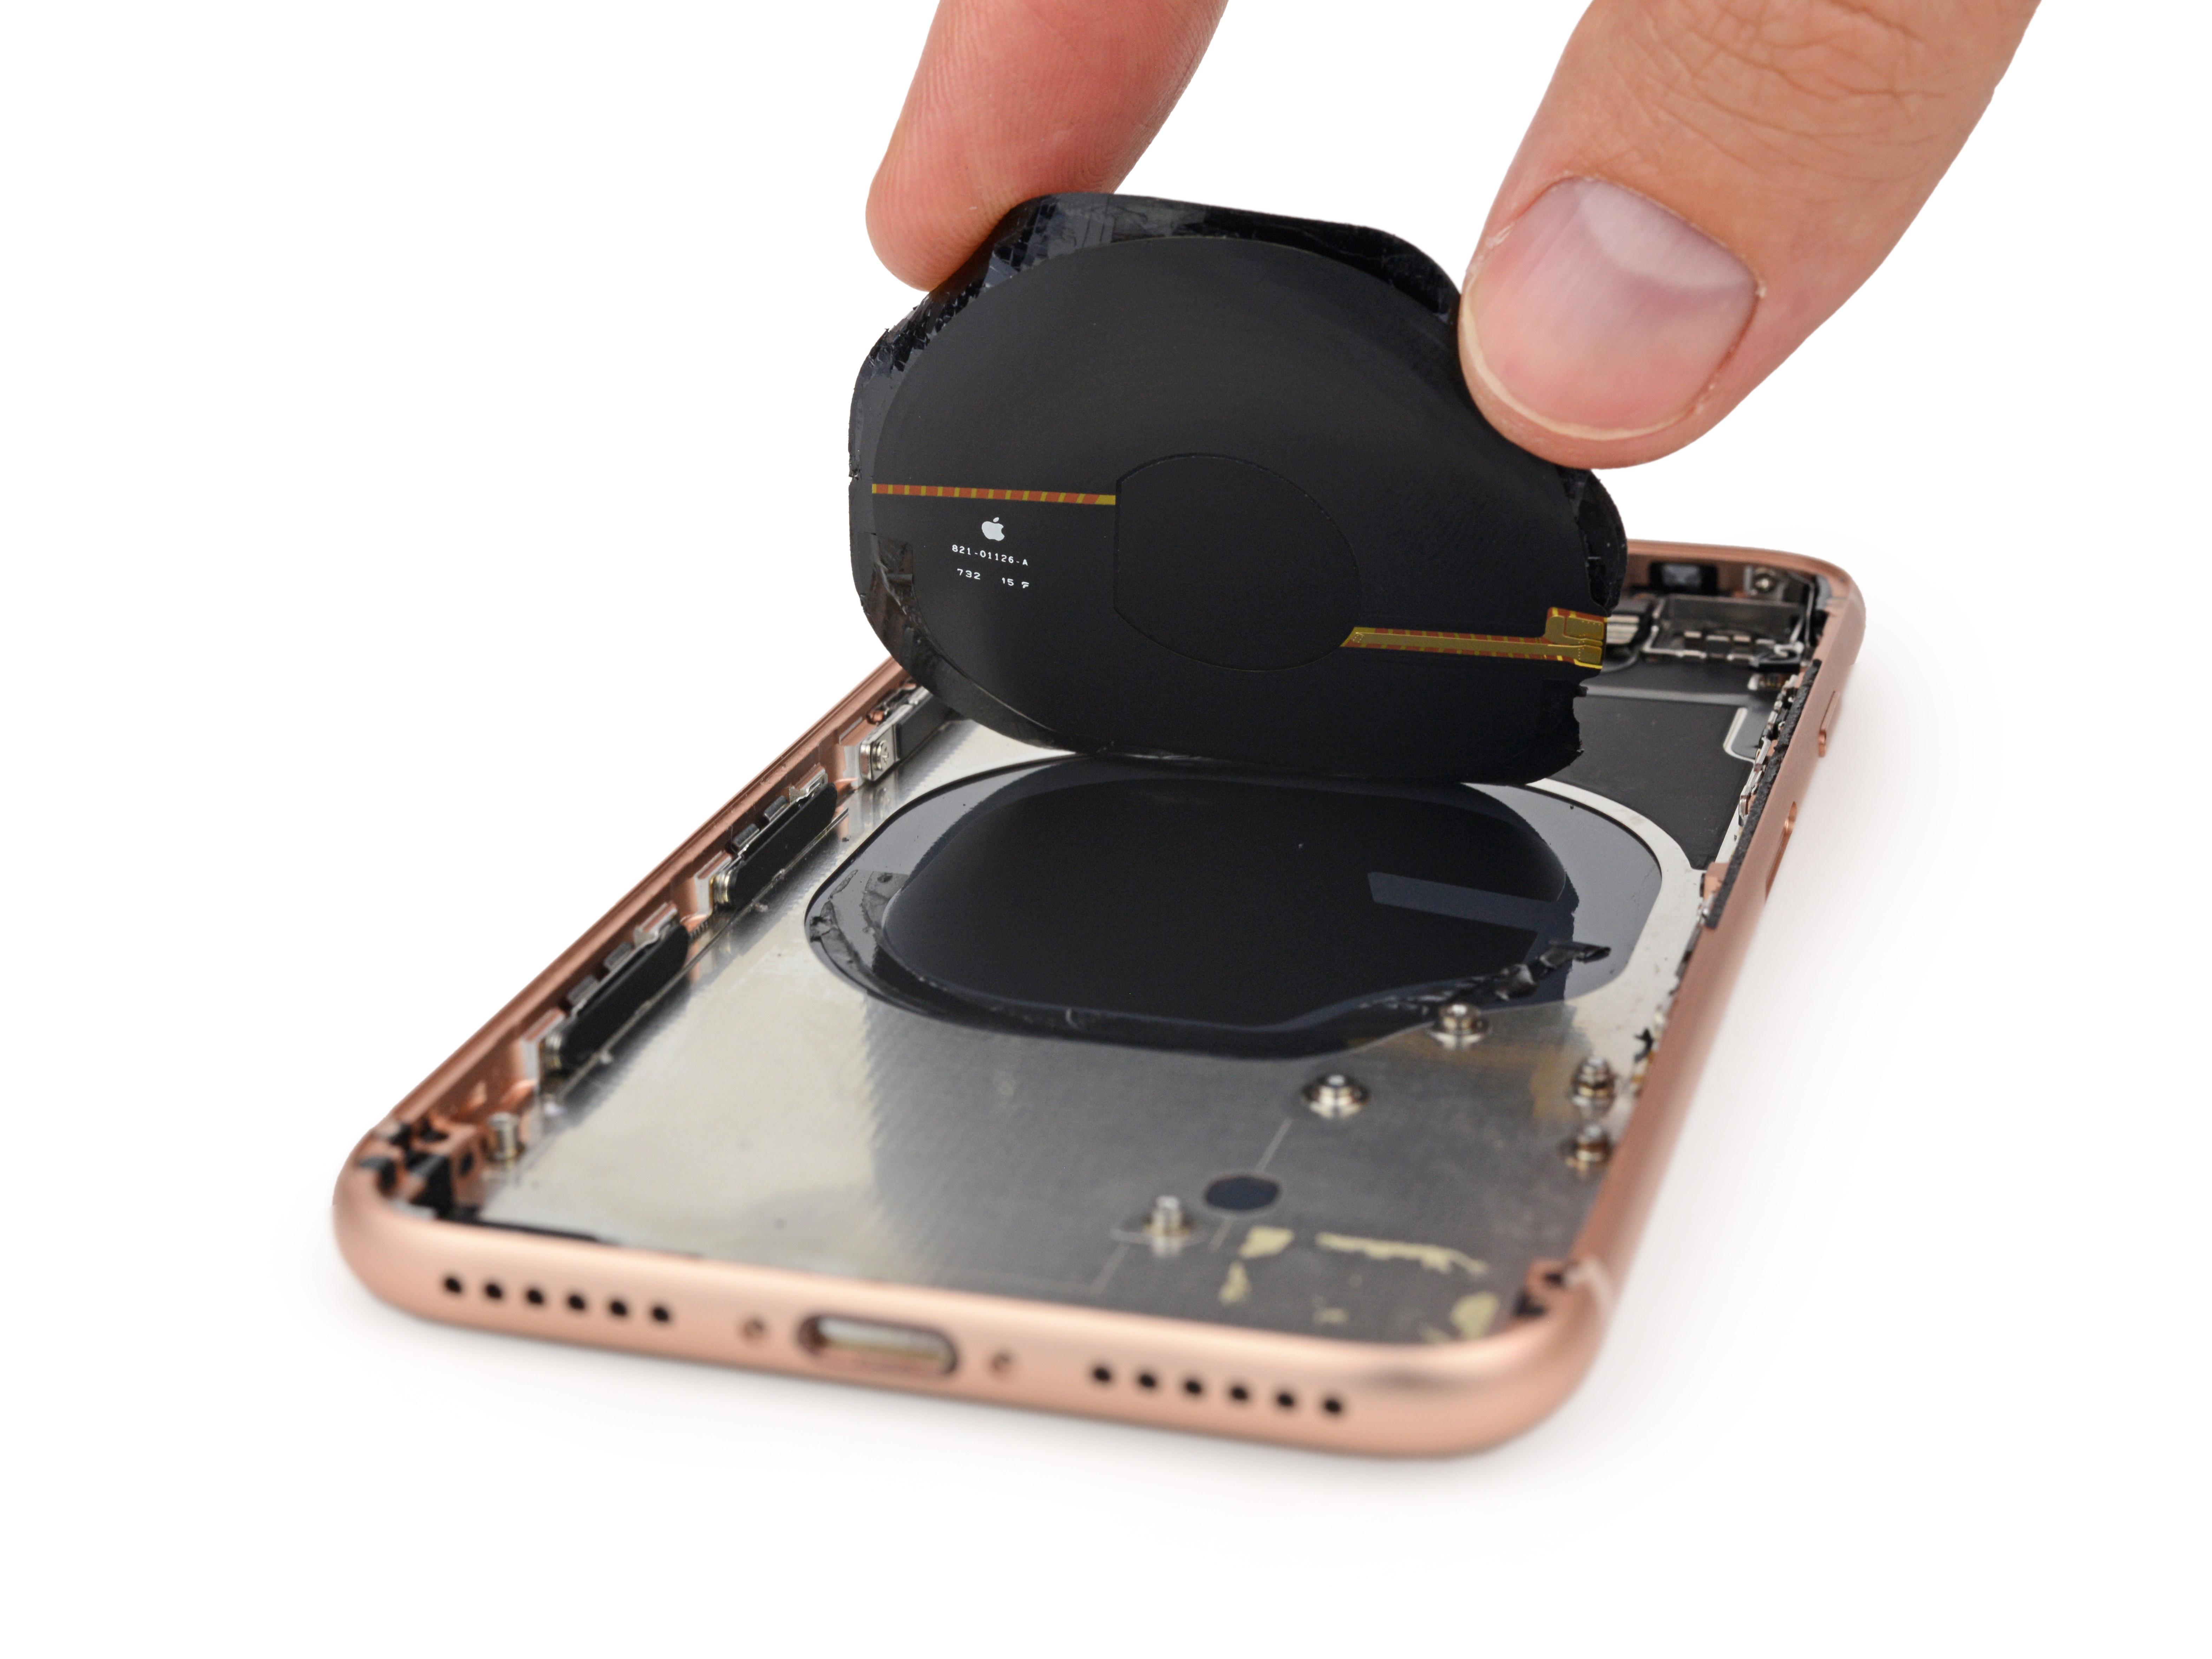 Malla en la zona de obligación inalámbrica del <strong>iPhone</strong>® 8